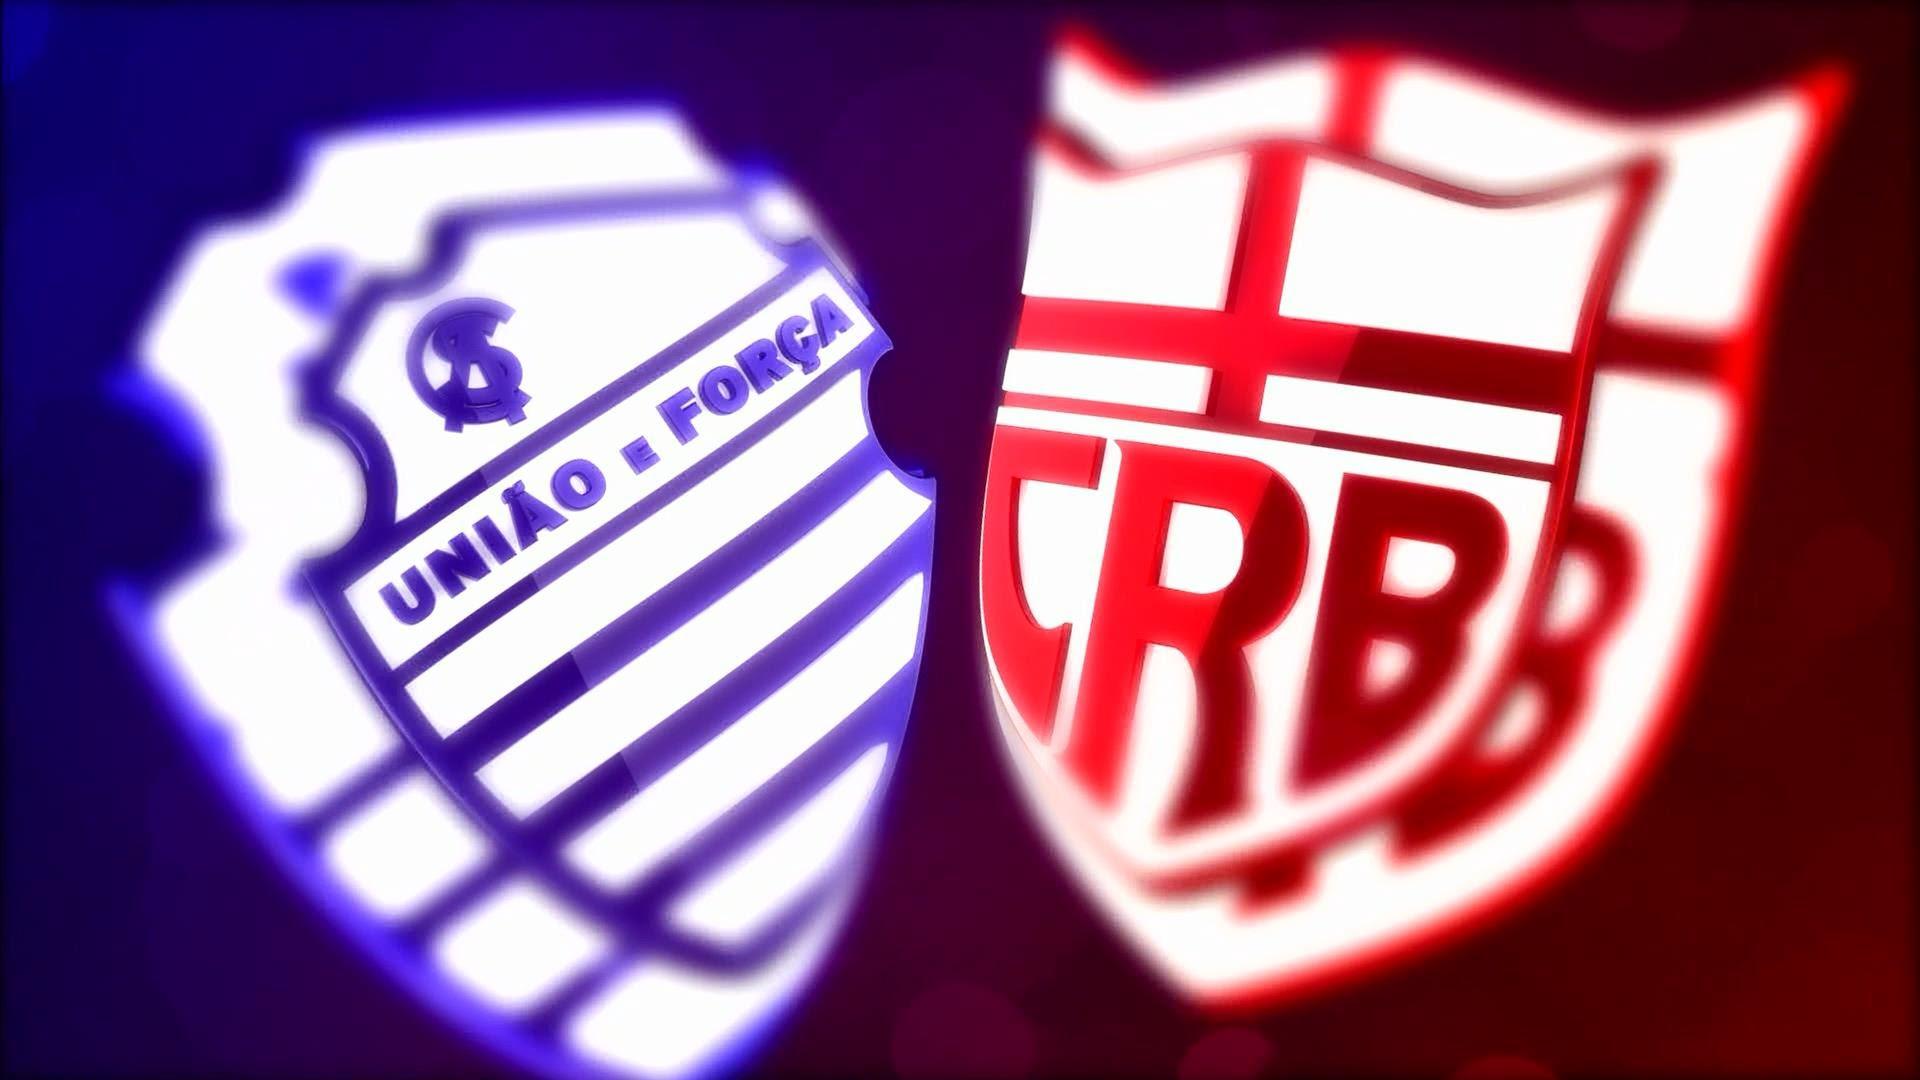 Campeonato Brasileiro Série B. CRB estreia fora de casa e o CSA no Rei Pelé